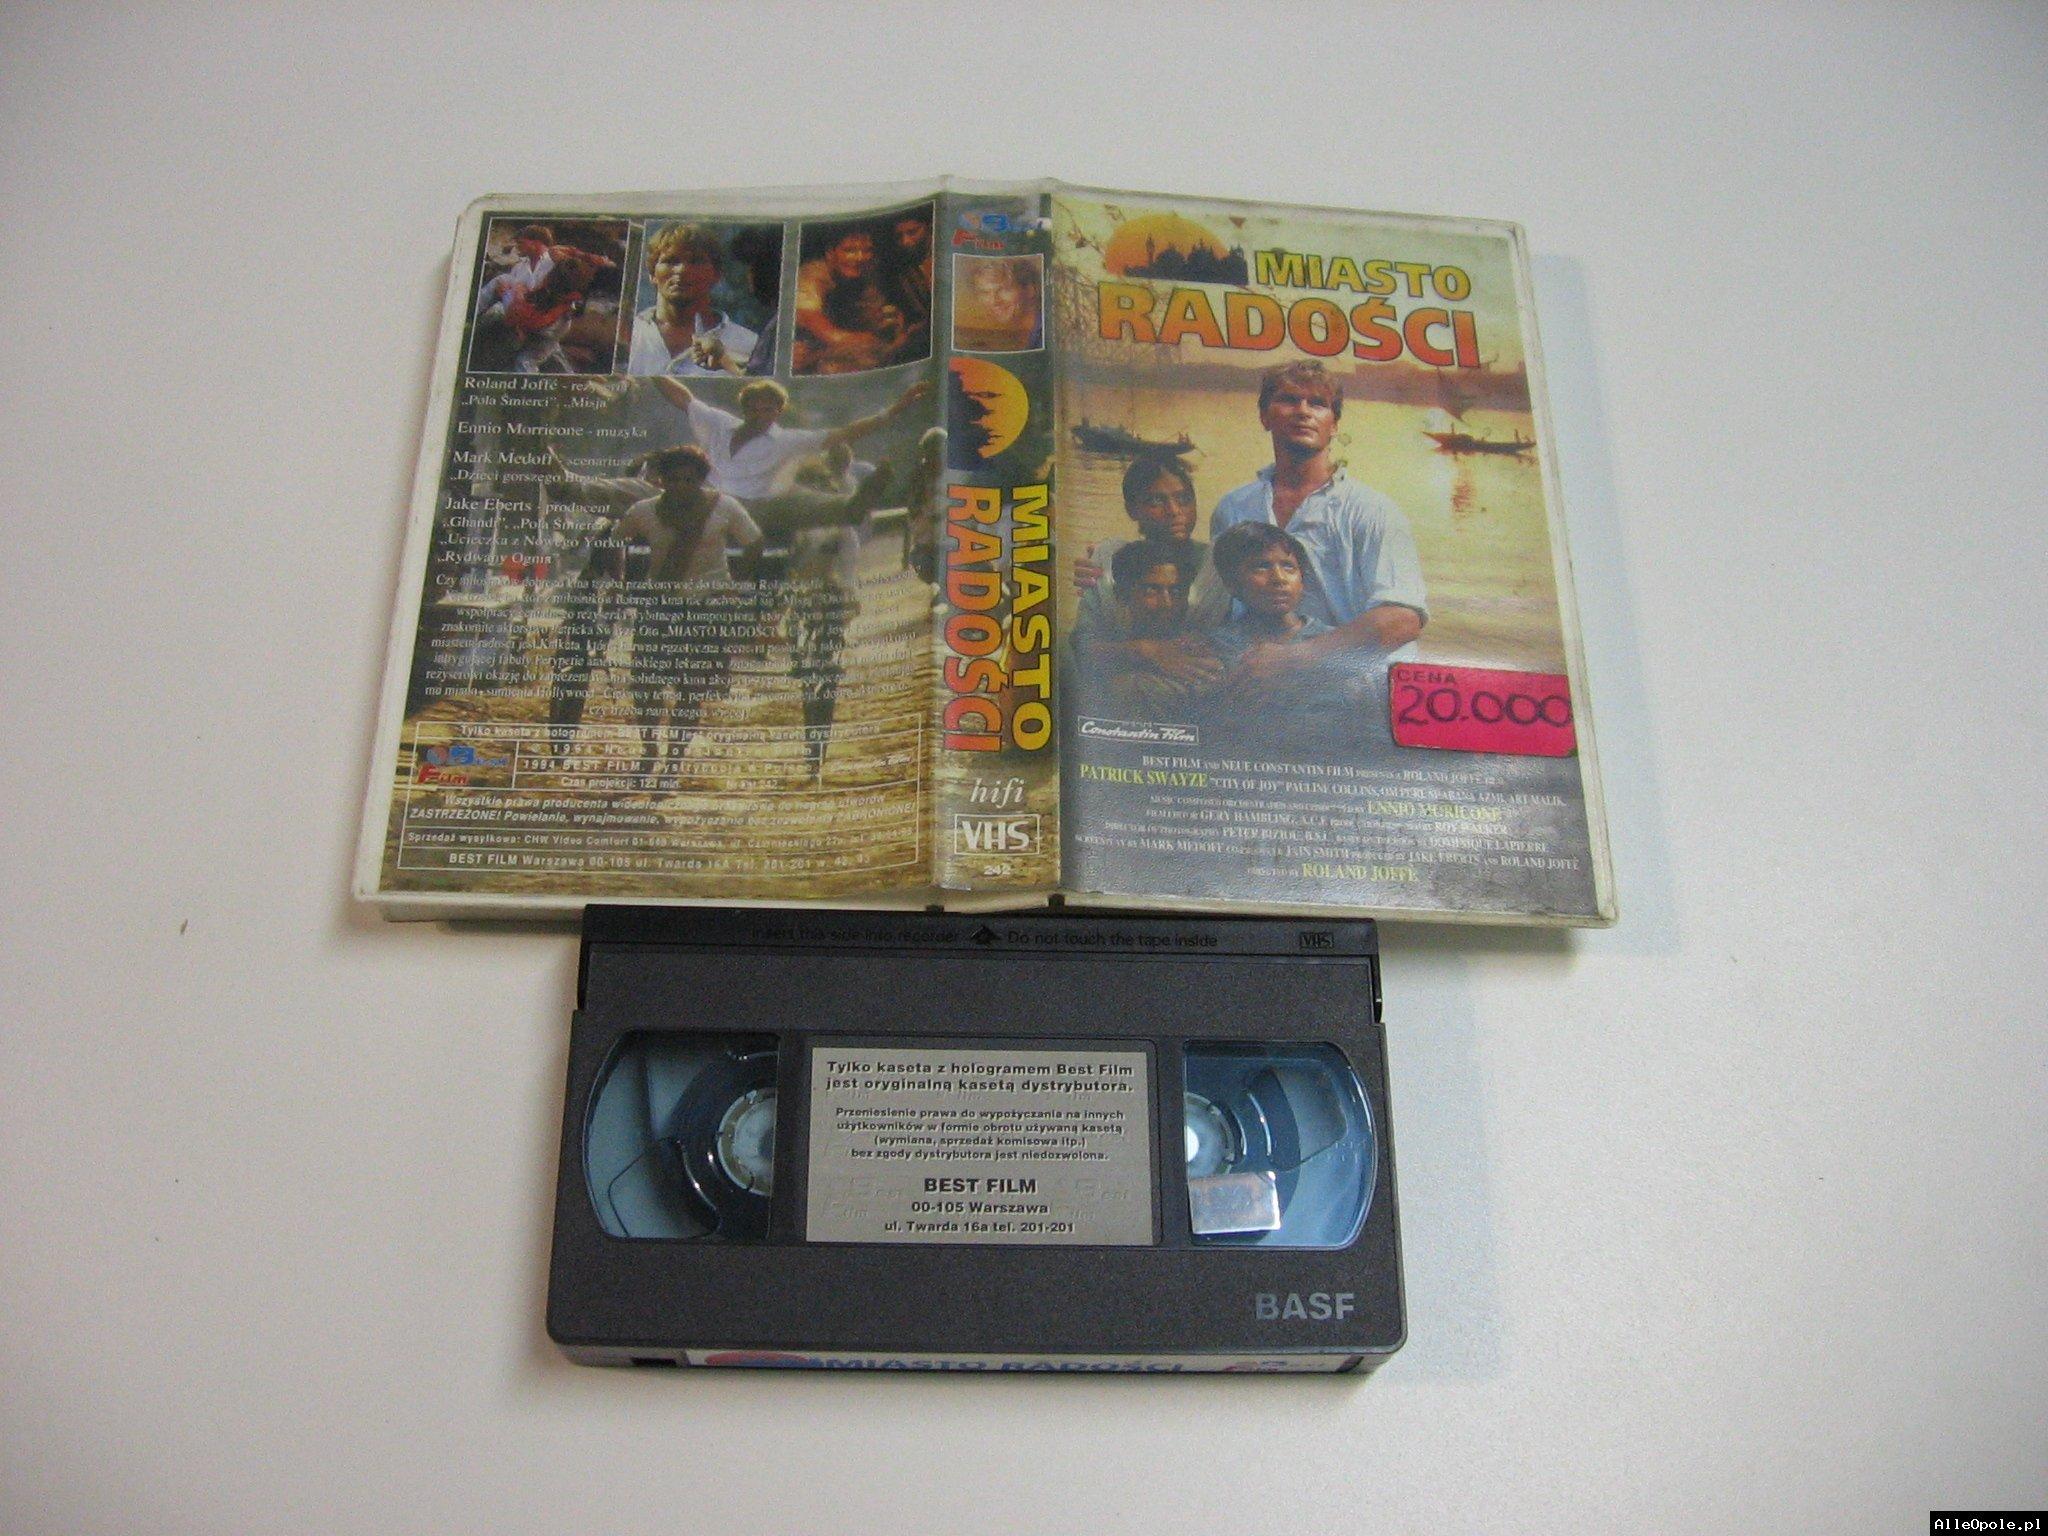 MIASTO RADOŚCI - VHS Kaseta Video - Opole 1811